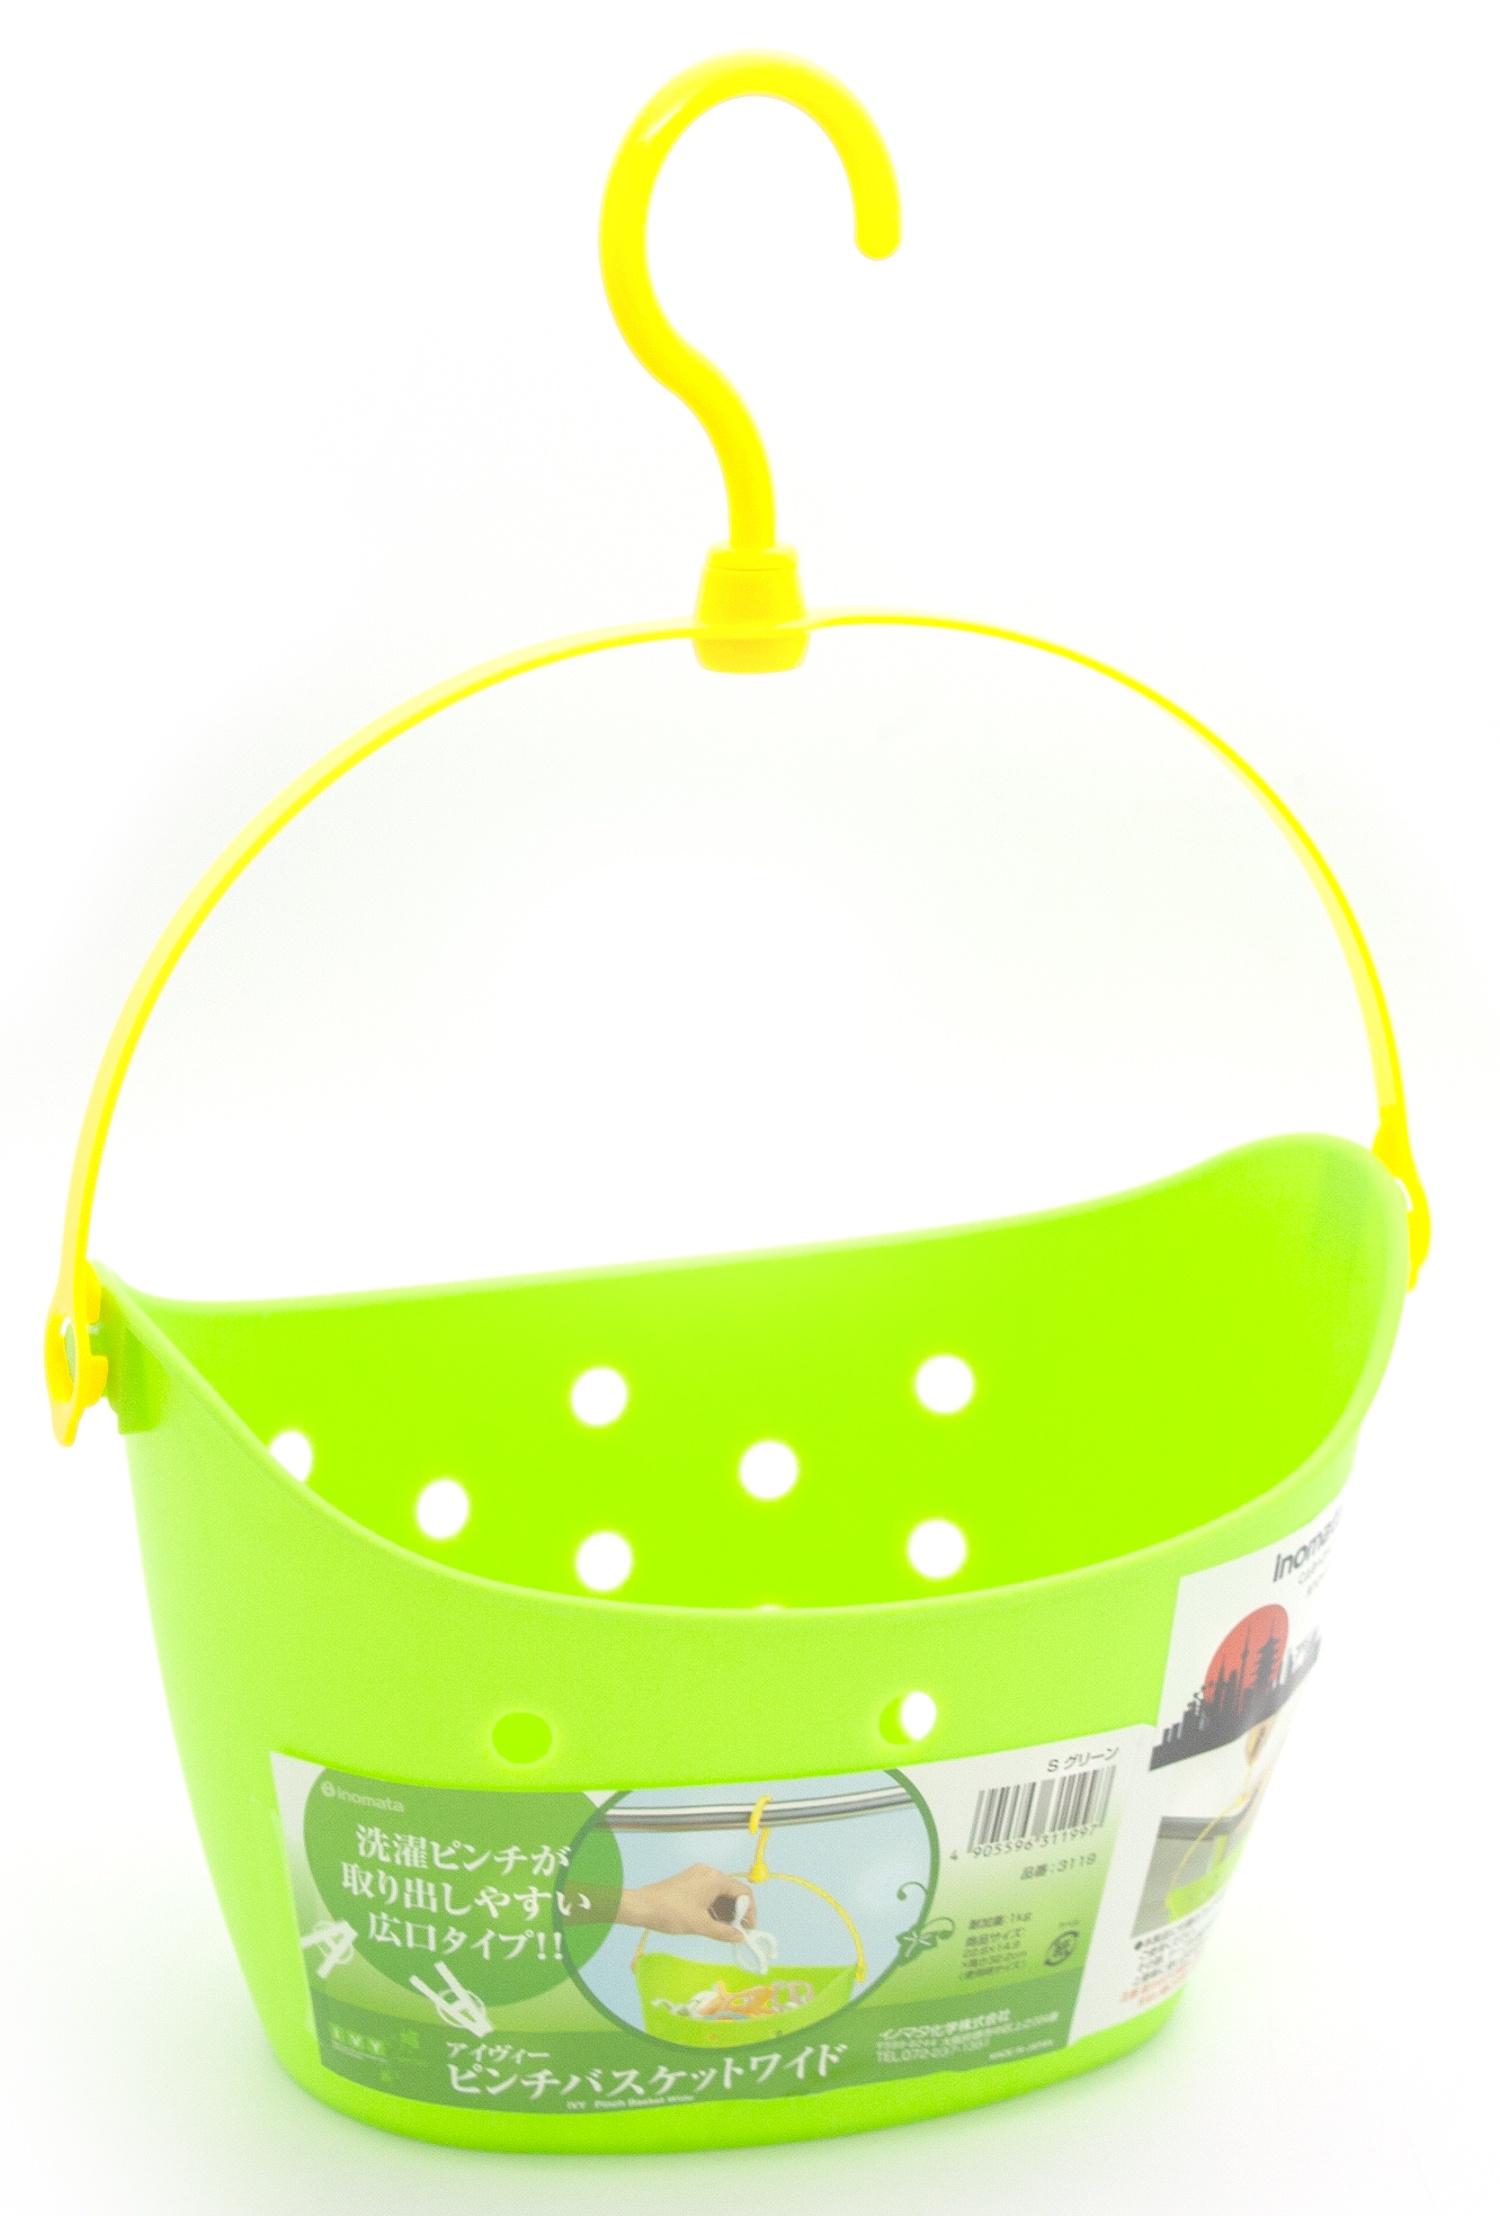 Корзина для хранения с крючком INOMATA, 3119SG, зеленый, 225*210*160 мм ольга кадникова вазочки конфетницы корзинки объемные изделия крючком